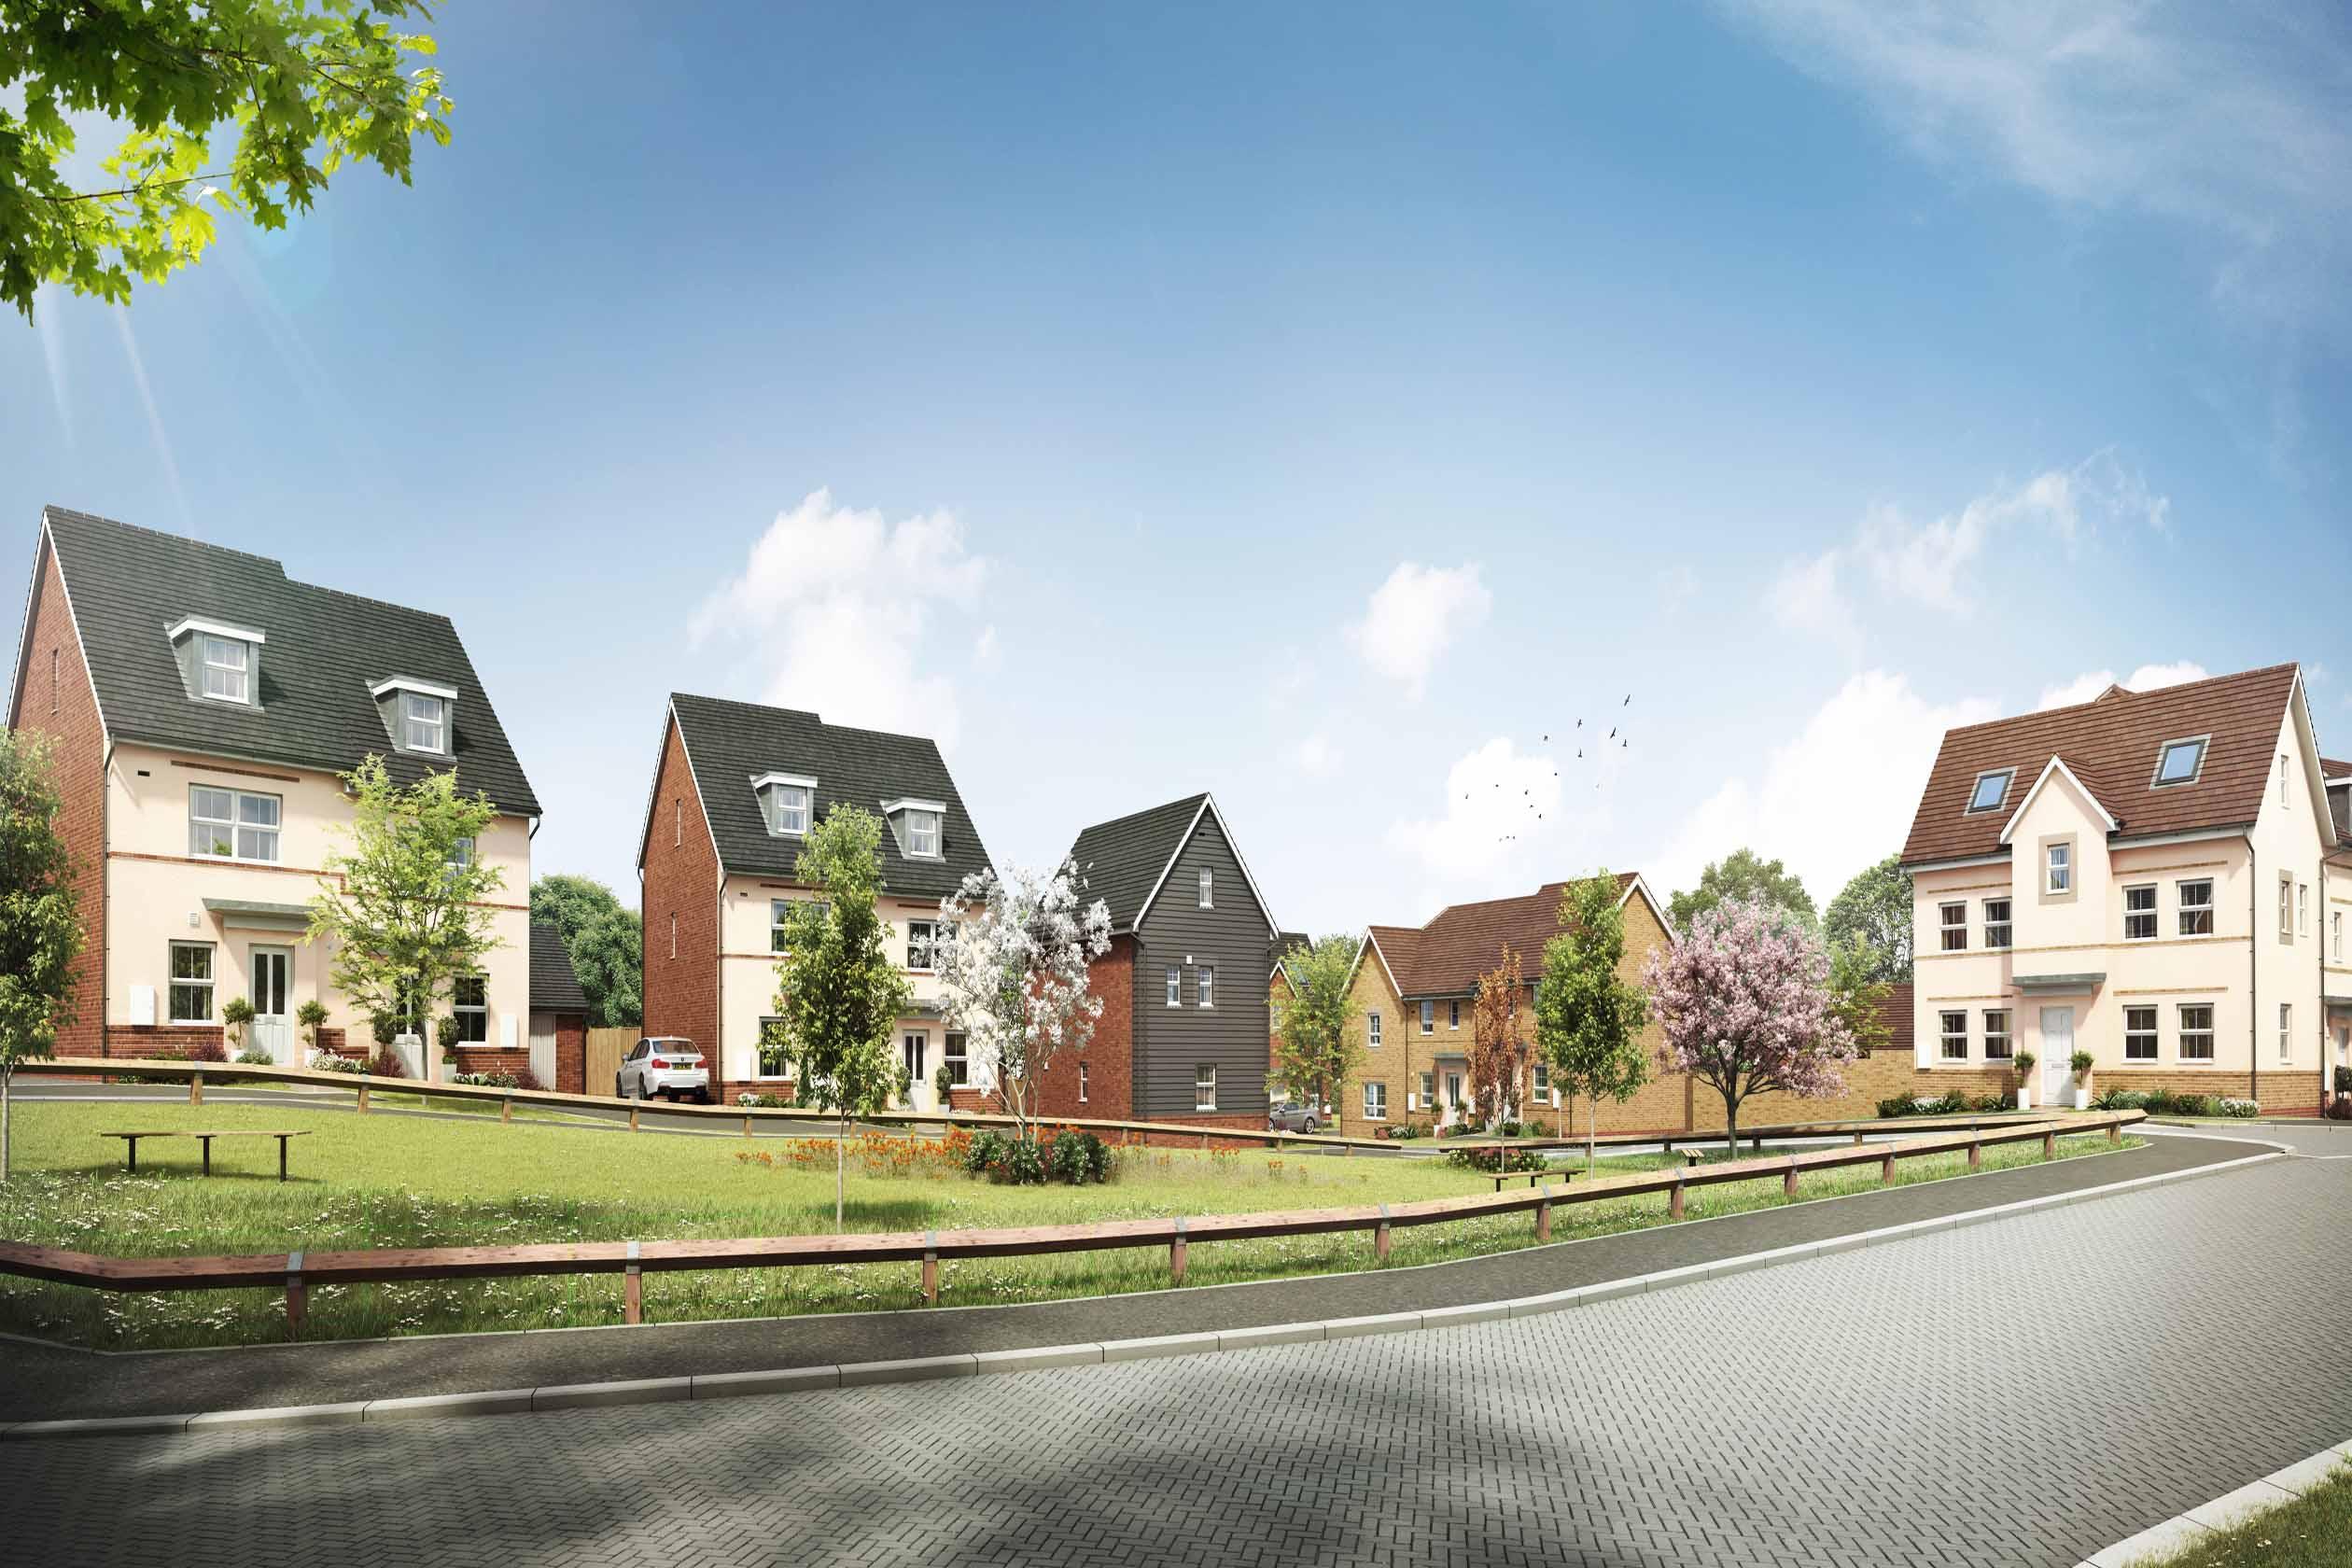 New Build Homes in Leighton Buzzard